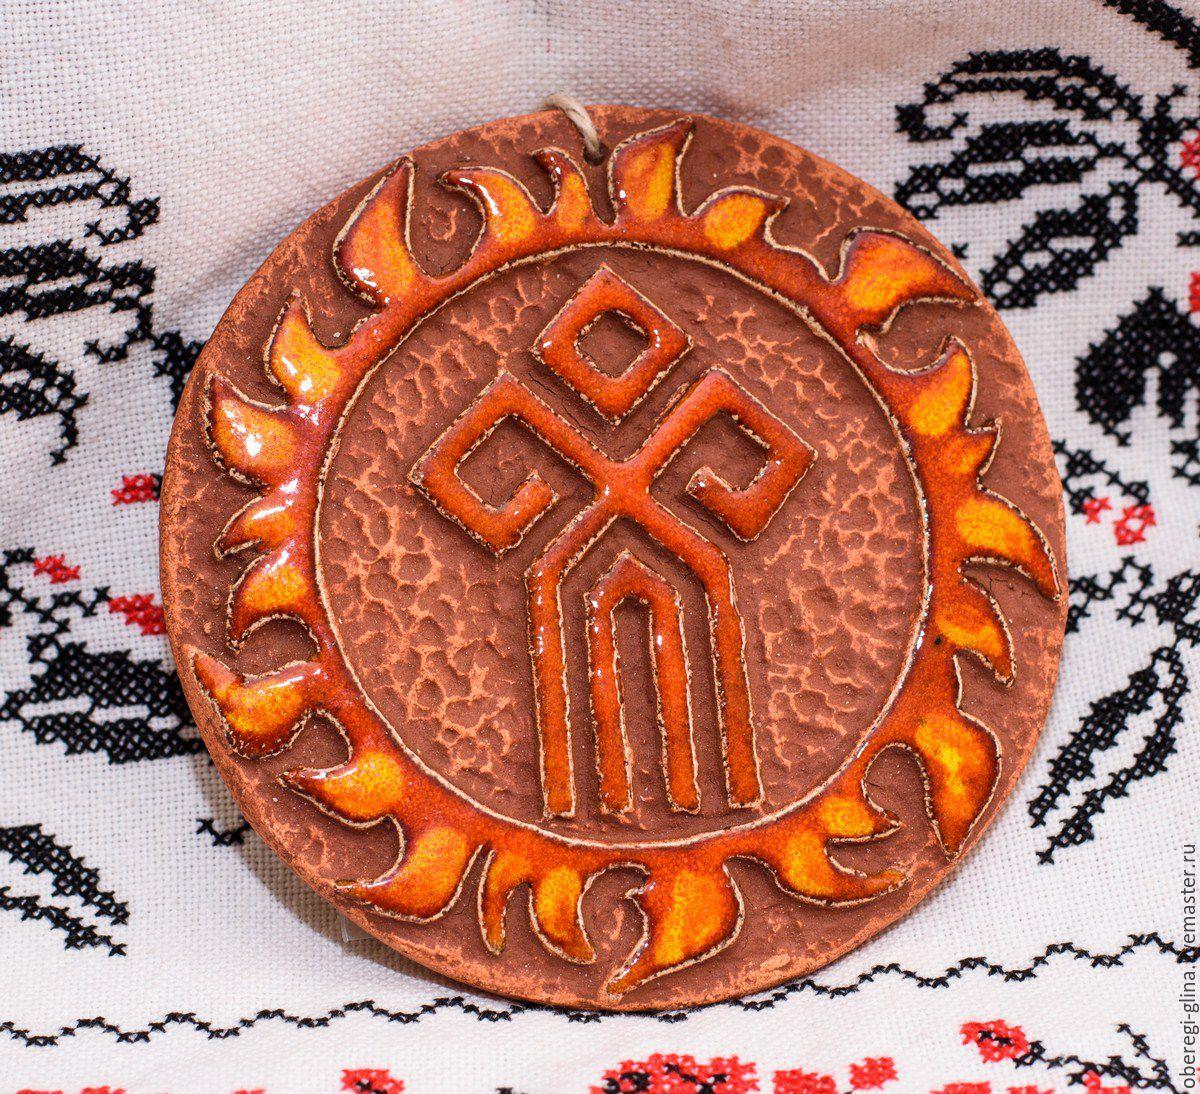 Амулеты древних славян. От чего защищали славянские амулеты и обереги?